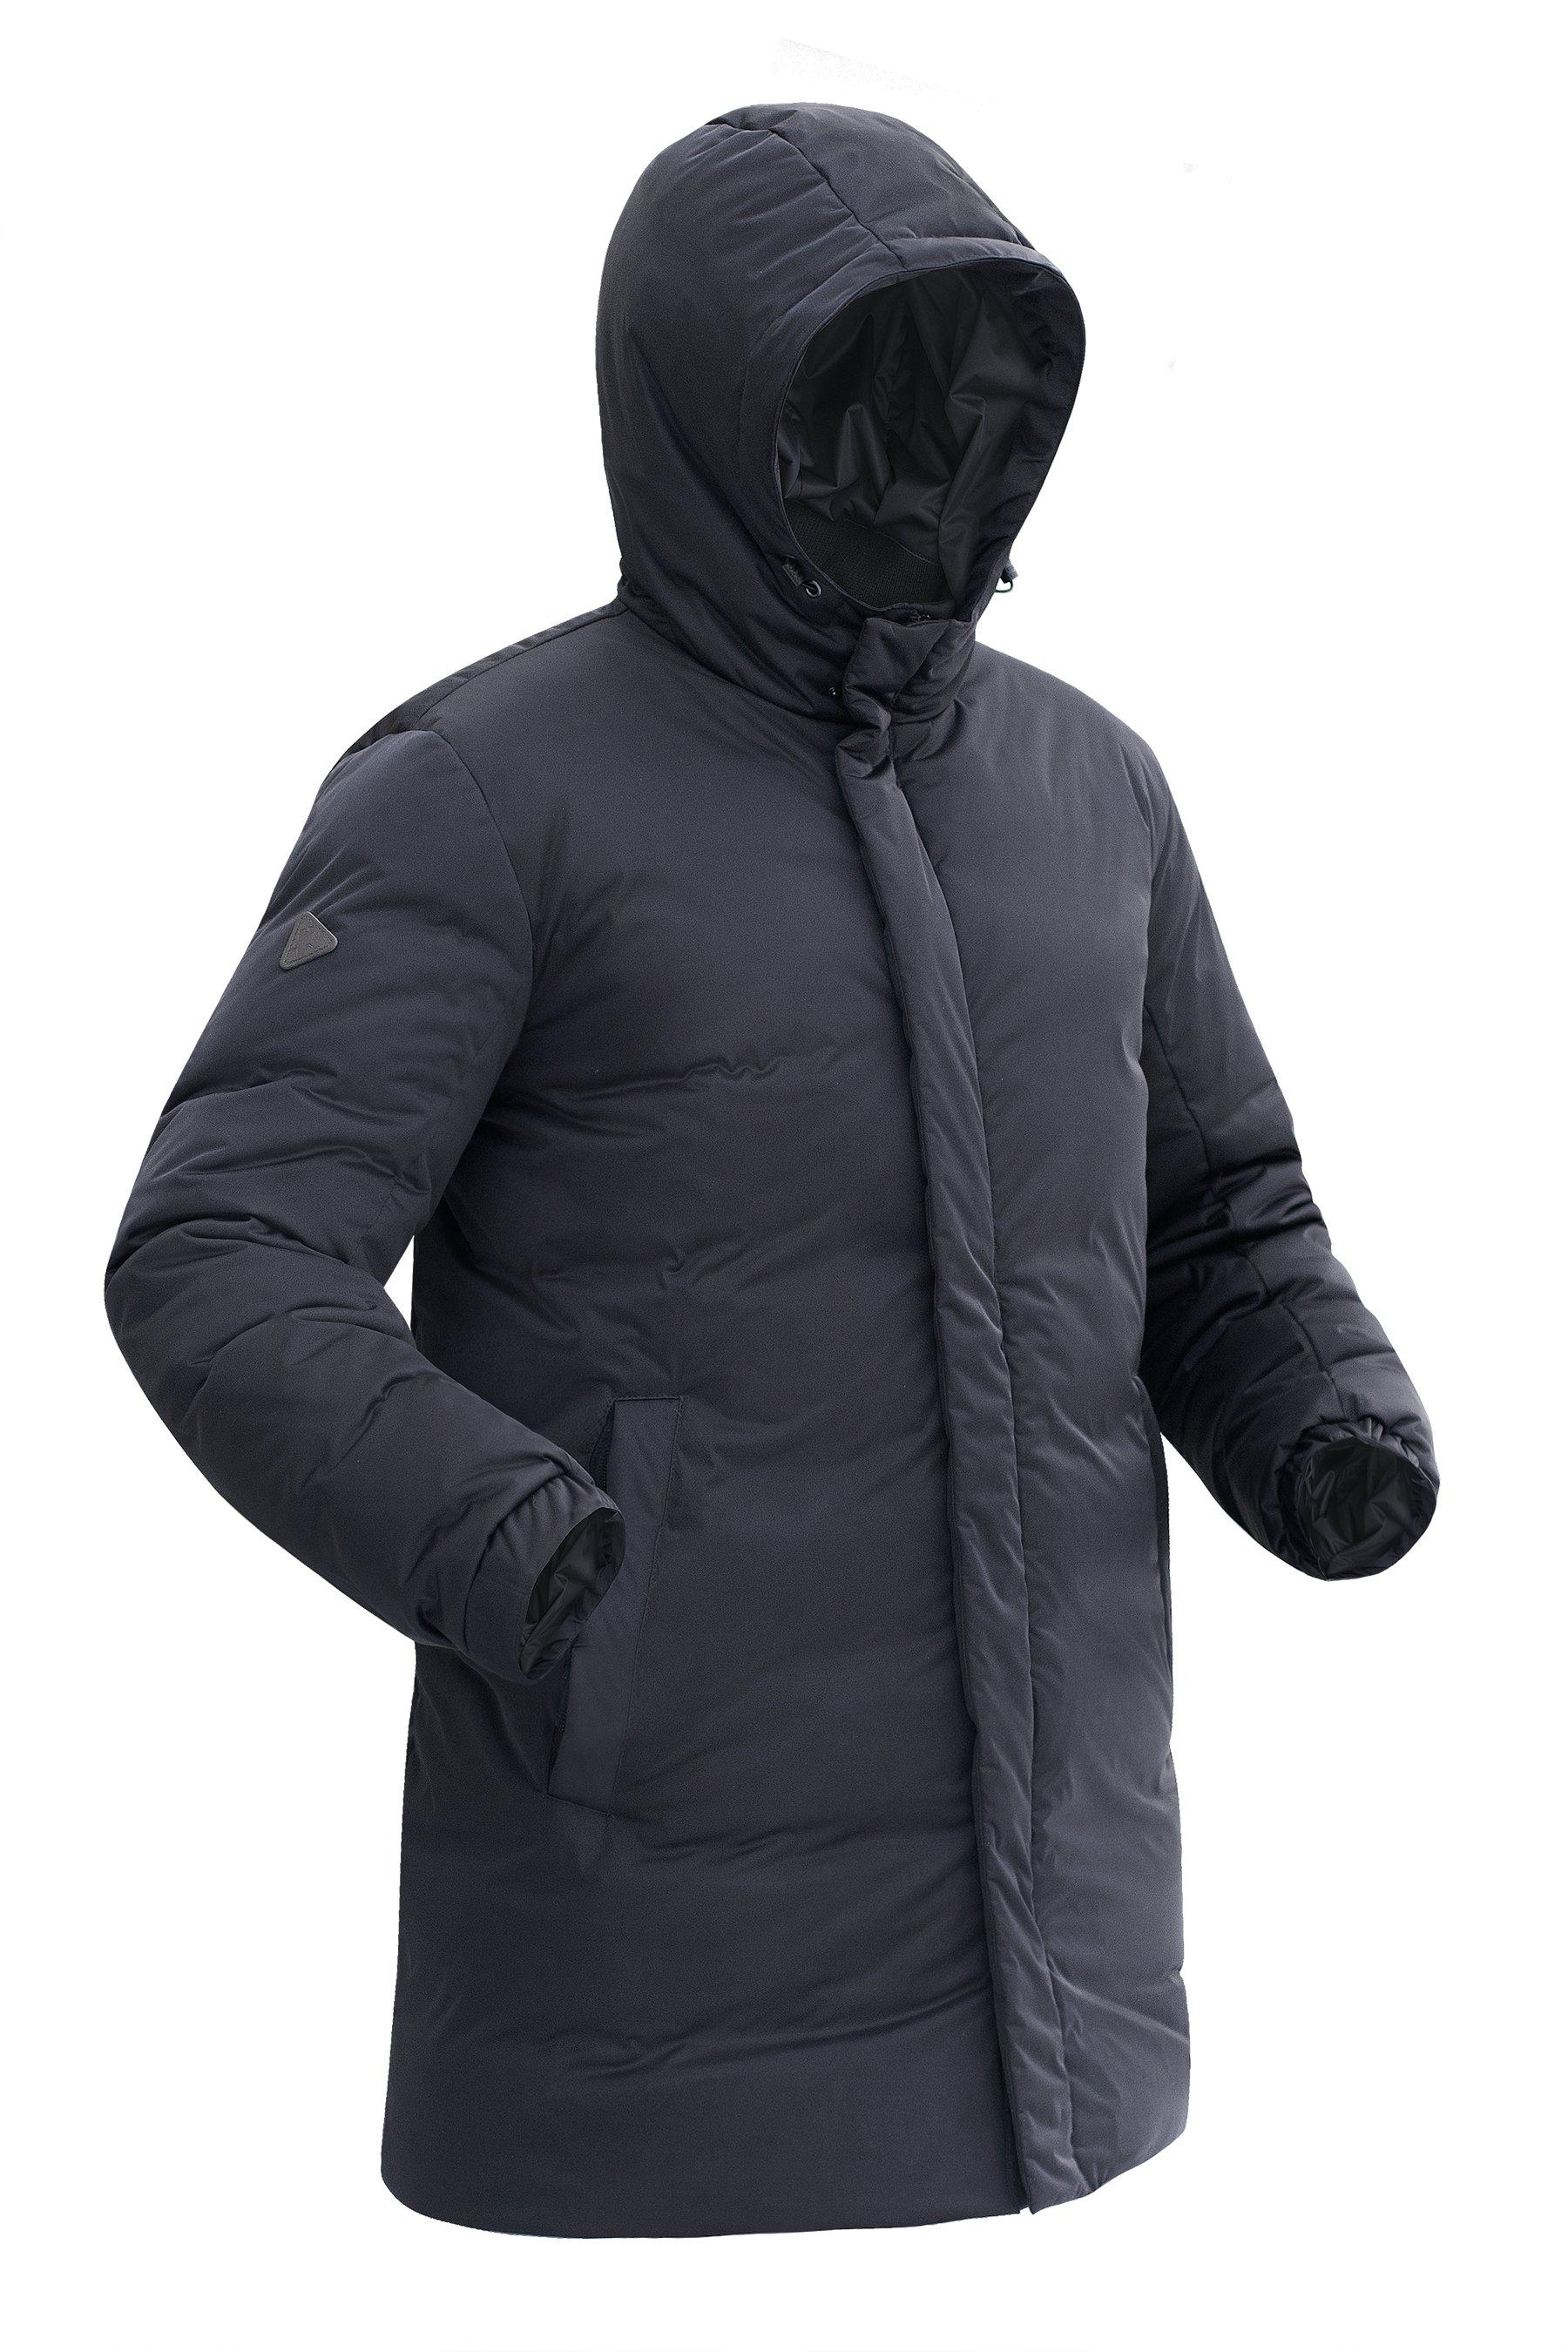 Куртка BASK ICEBERG LUX 5451